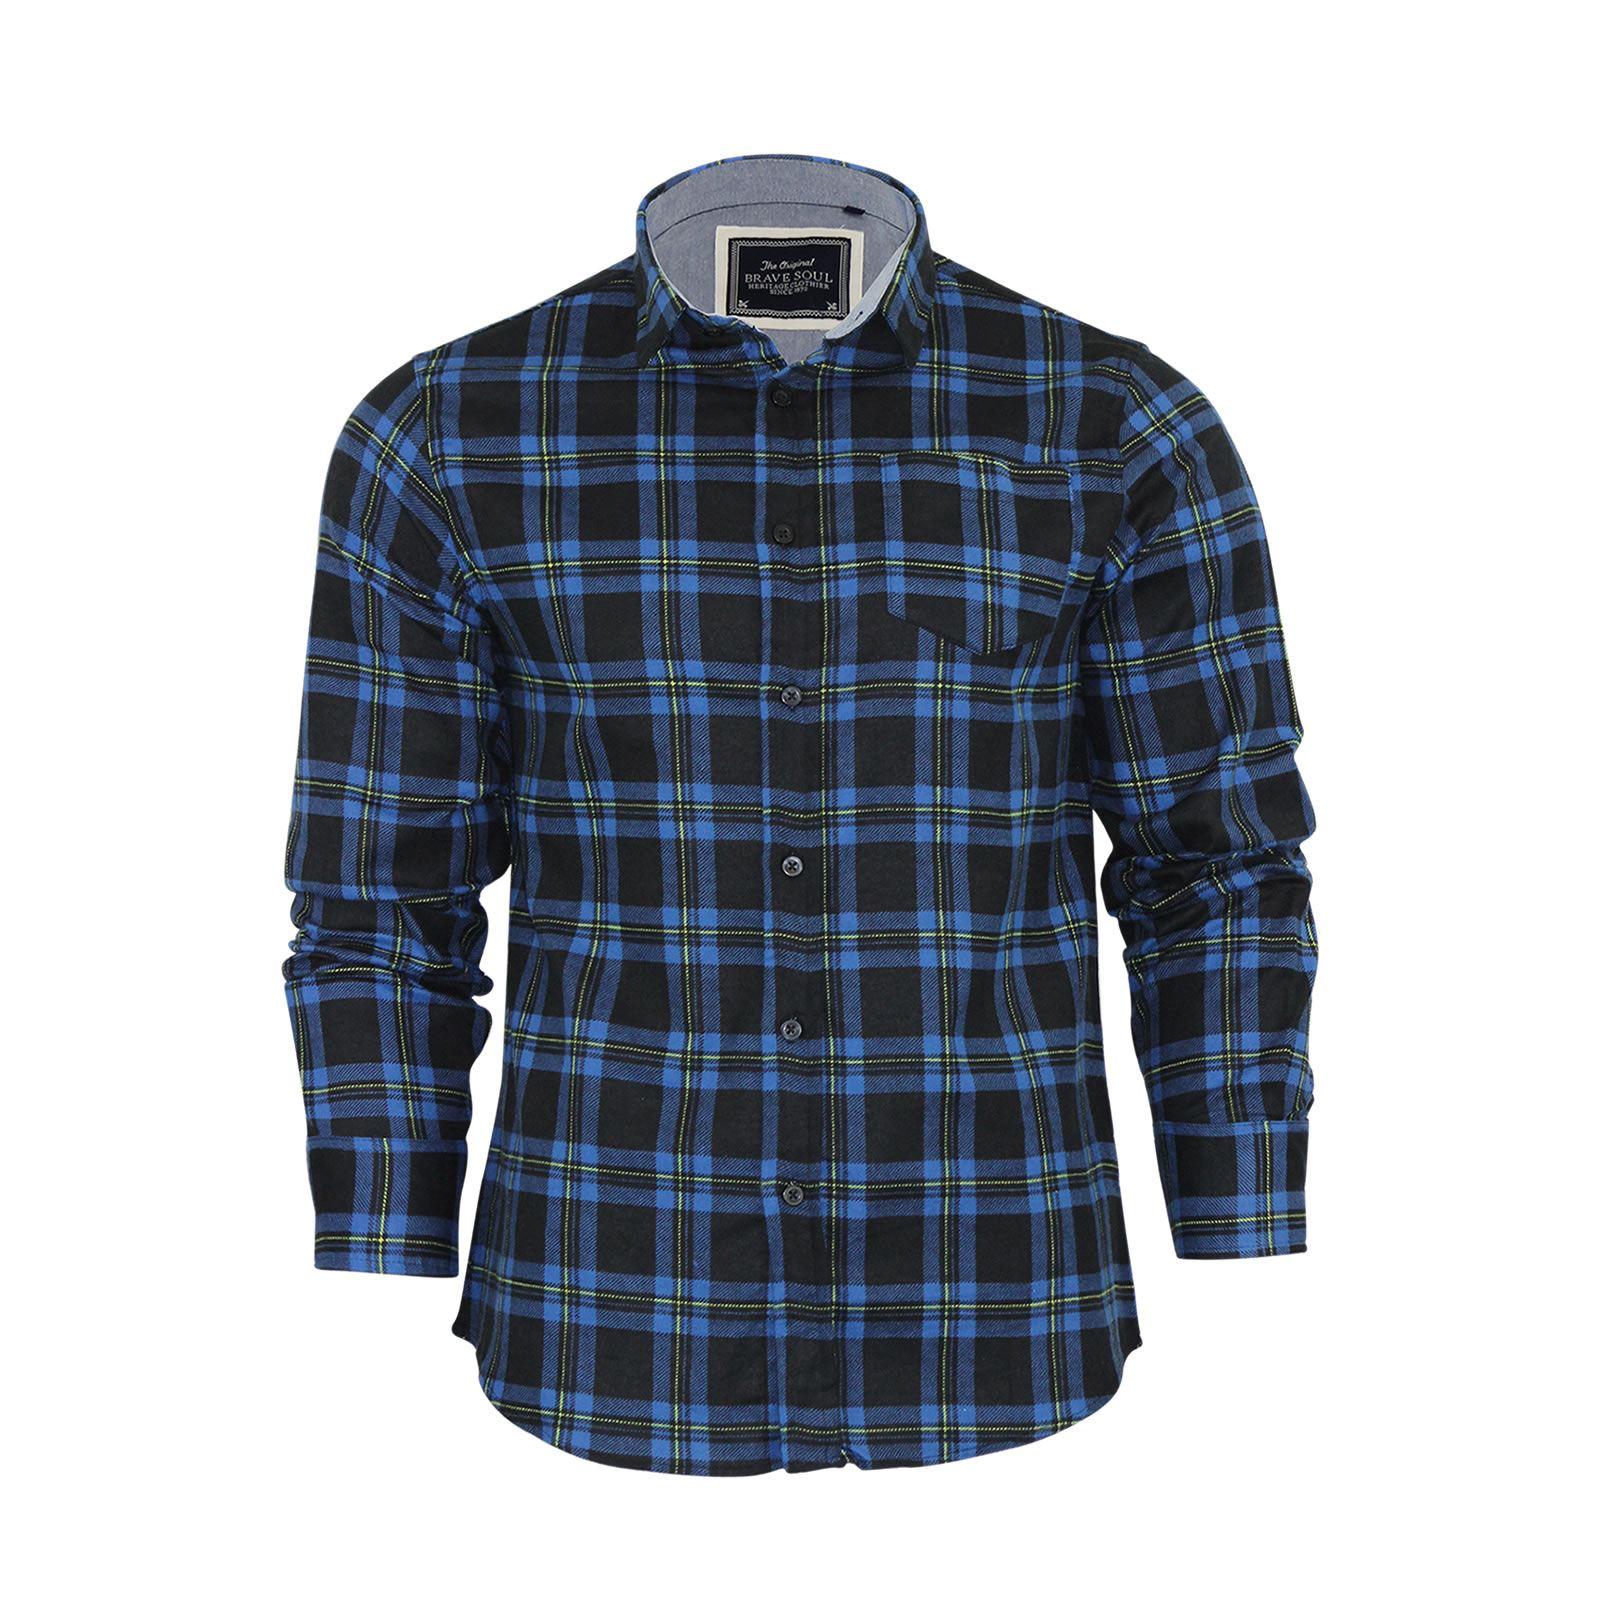 Alma-VALIENTE-HOMBRE-compruebe-Camisa-Algodon-Cepillado-De-Franela-Top-Manga-Larga-Casual miniatura 18